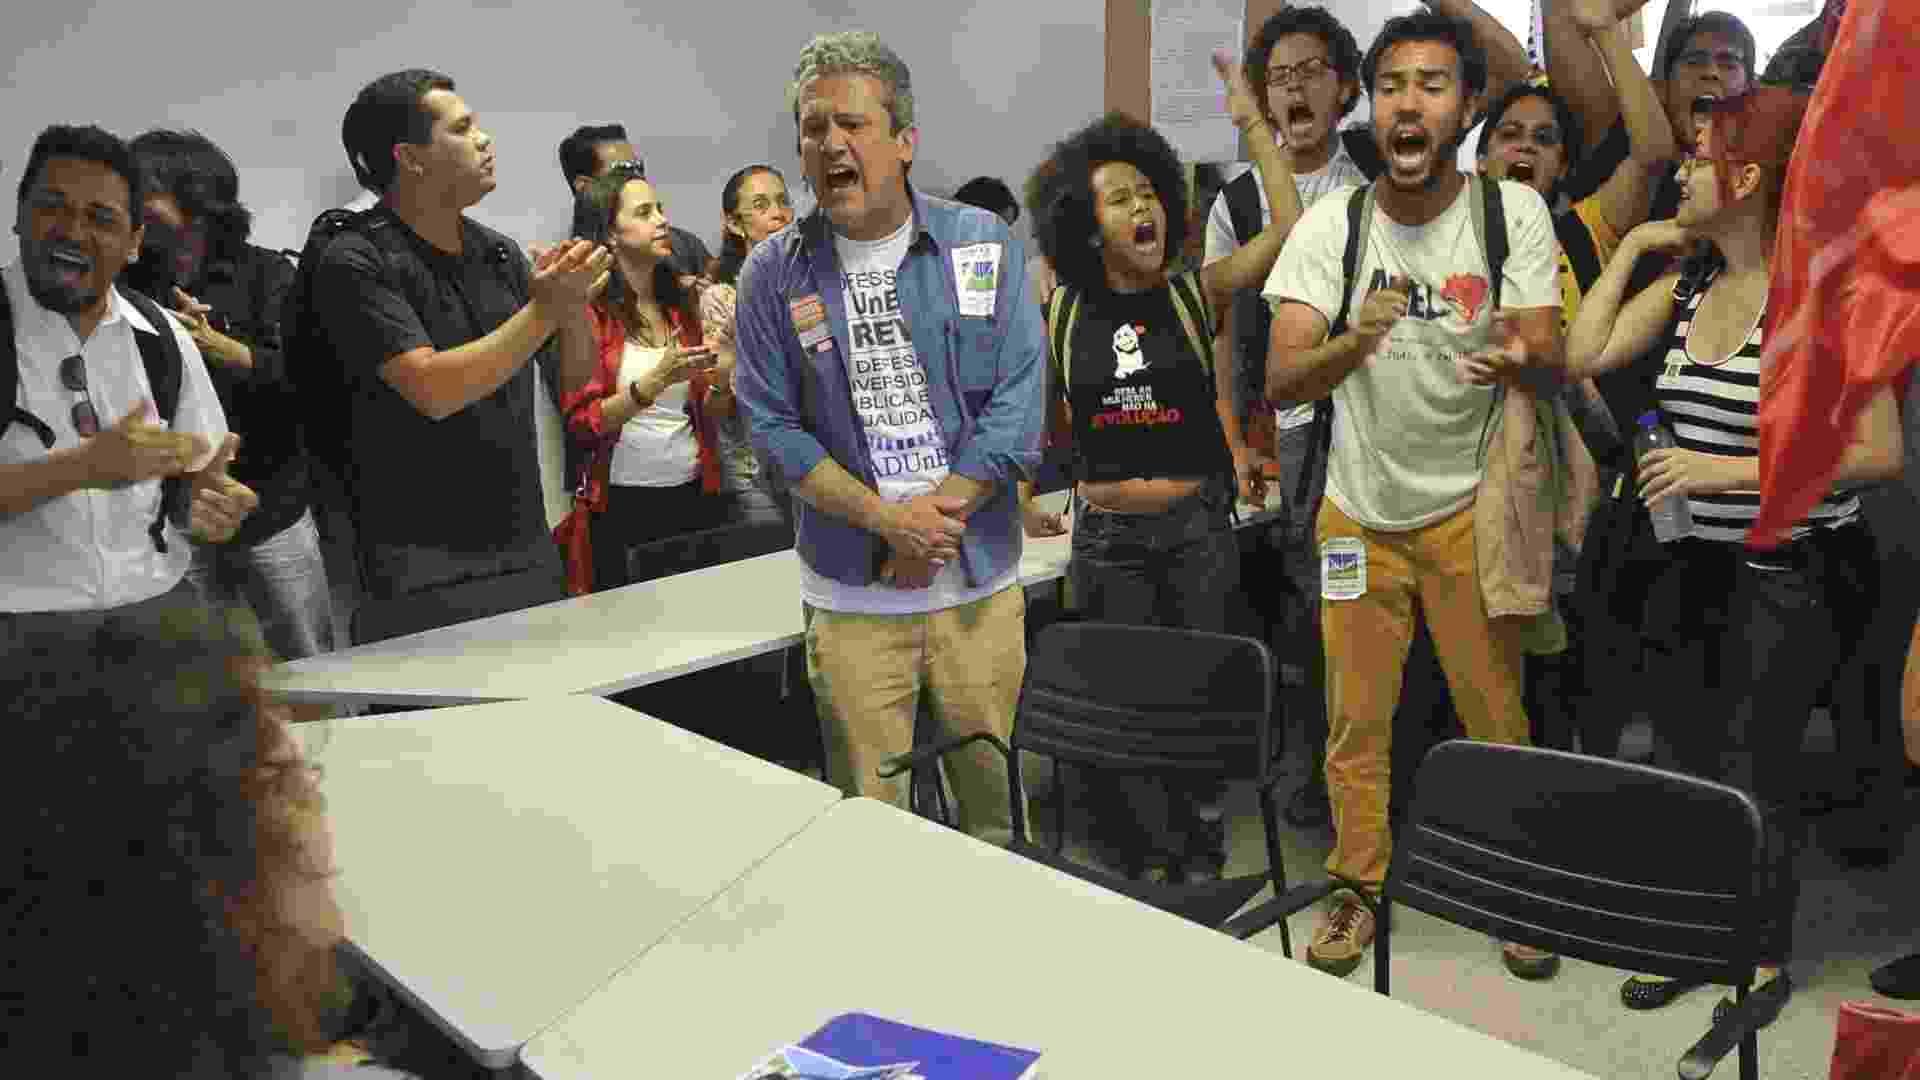 21.ago.2012 - Professores da UnB (Universidade de Brasília) que não aceitam o fim da greve, decidida em assembleia na última sexta-feira (17), ocuparam no início desta tarde, a Casa do Professor, sede da ADUnB (Associação dos Docentes), no campus da instituição. Eles dizem que só saem de lá se a ADUnB convocar nova assembleia, imediatamente, para rediscutir a decisão - Elza Fiúza/ABr